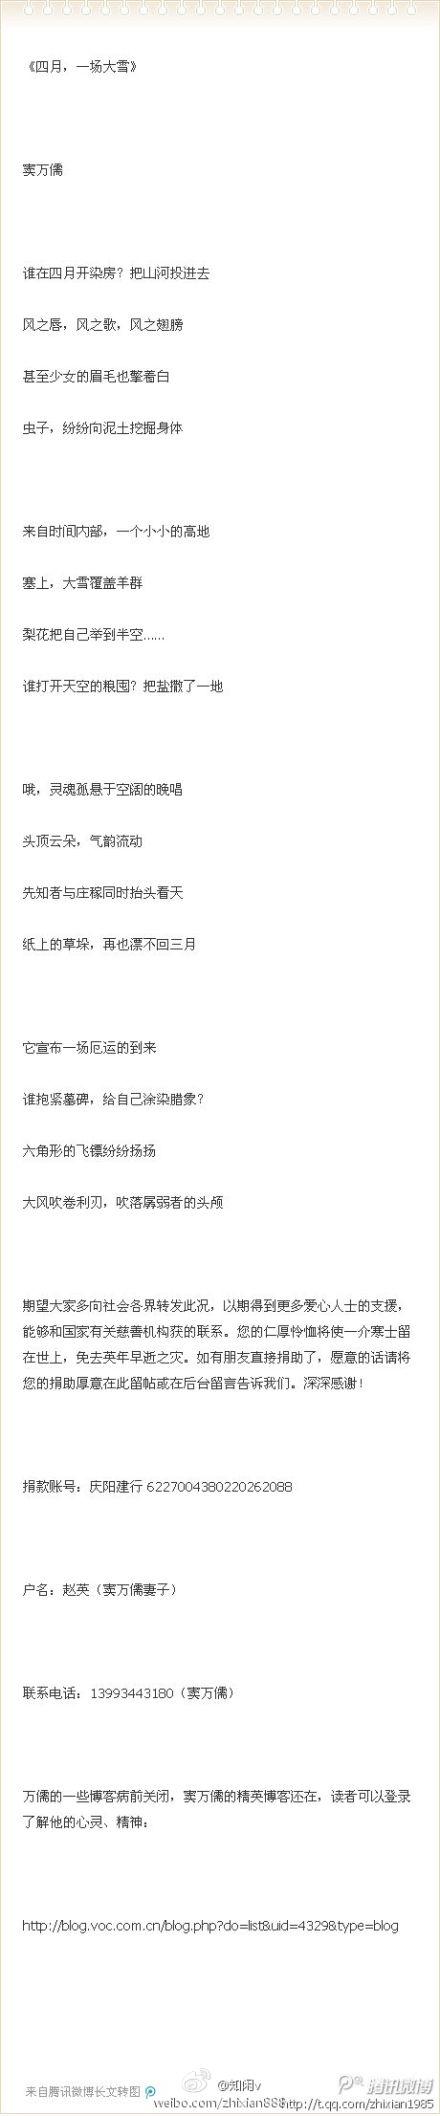 我的微语录周记2012-02-20—2012-02-26